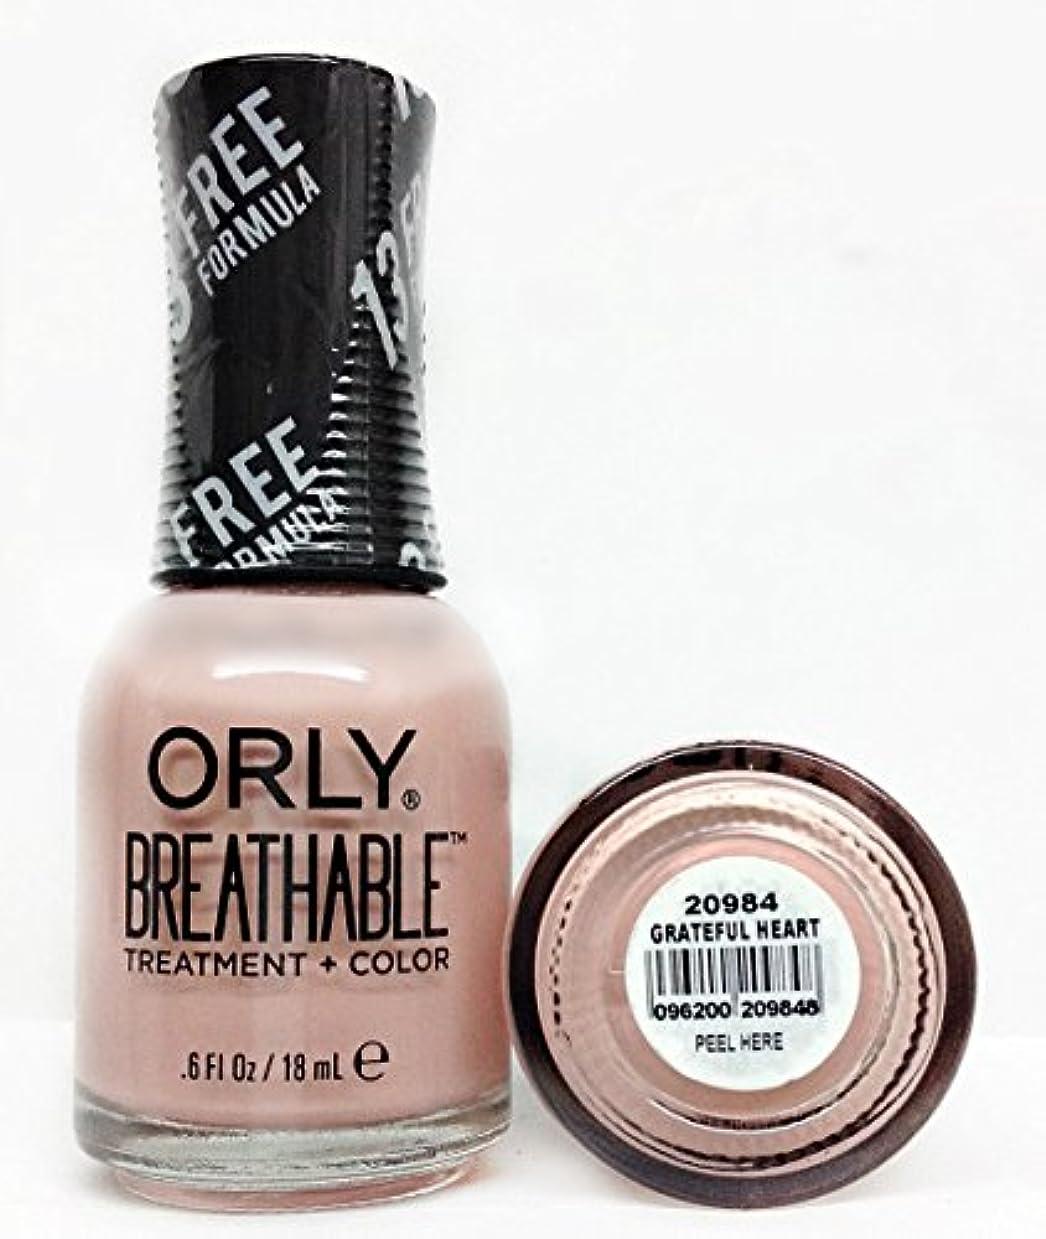 名目上の目覚める金属Orly Breathable Nail Lacquer - Treatment + Color - Grateful Heart - 0.6 oz / 18 mL